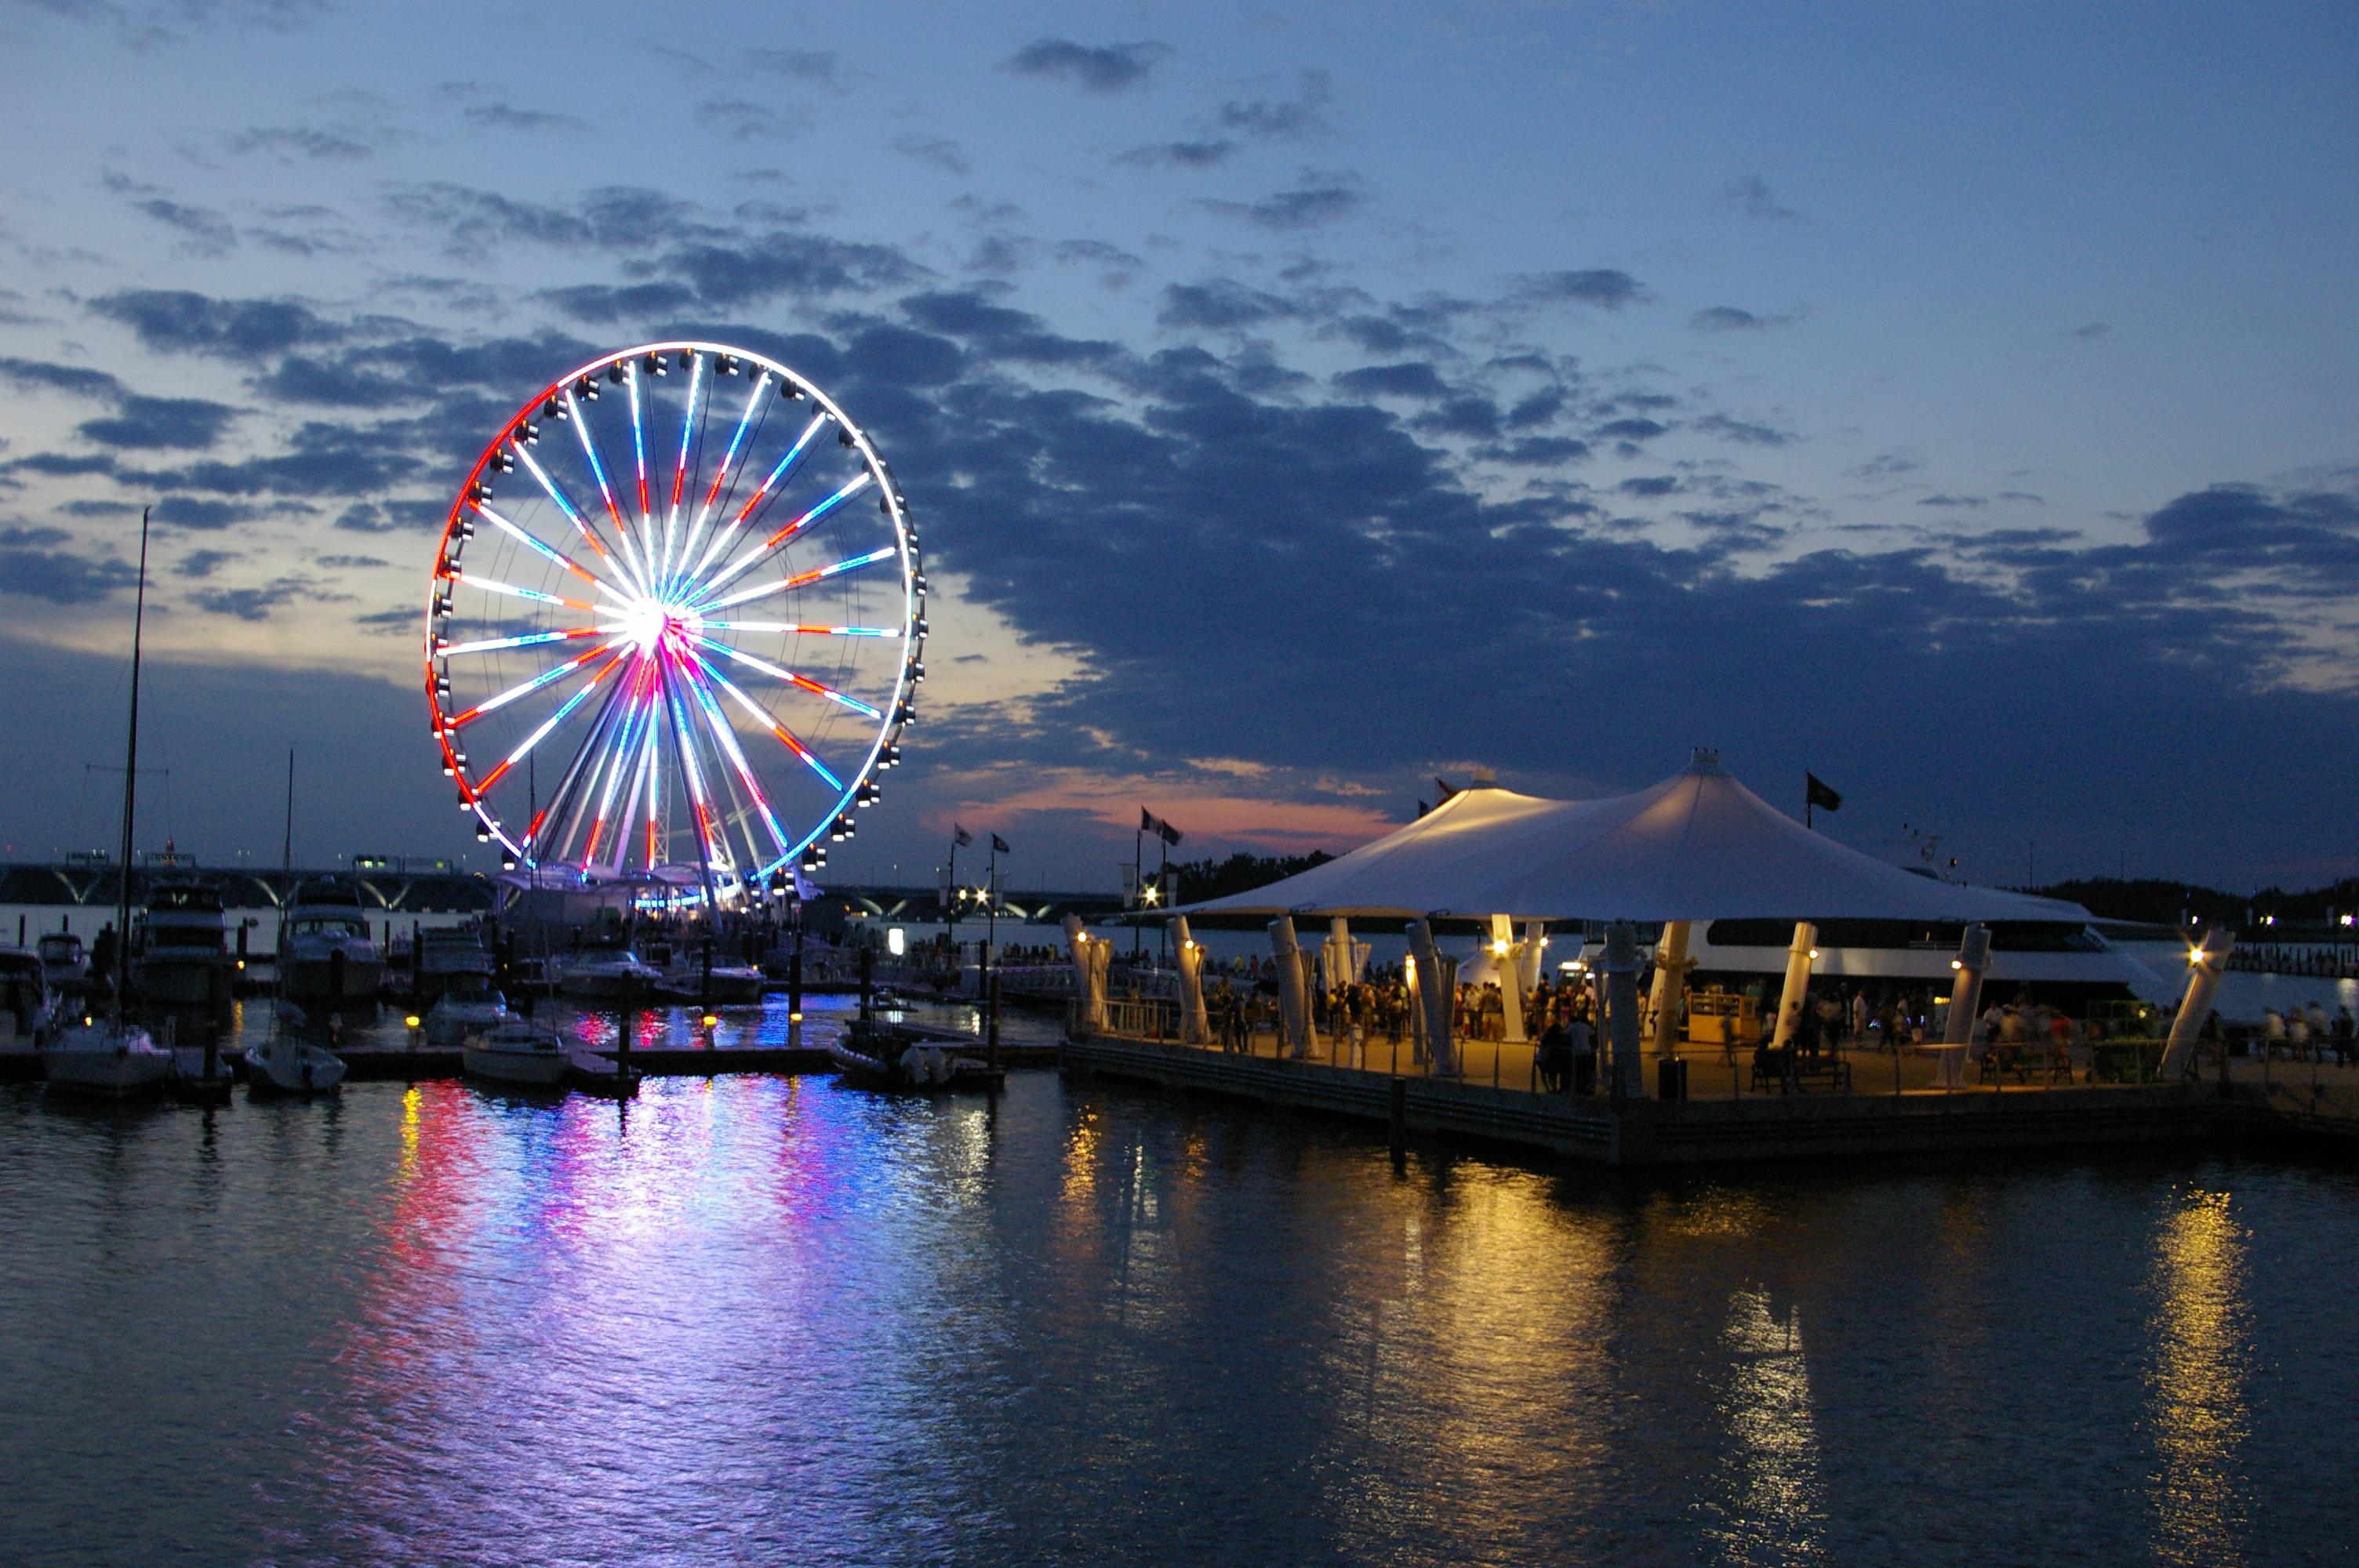 Capital_Wheel_at_National_Harbor,_Maryland,_USA_(Lit_Up_at_Night).jpg